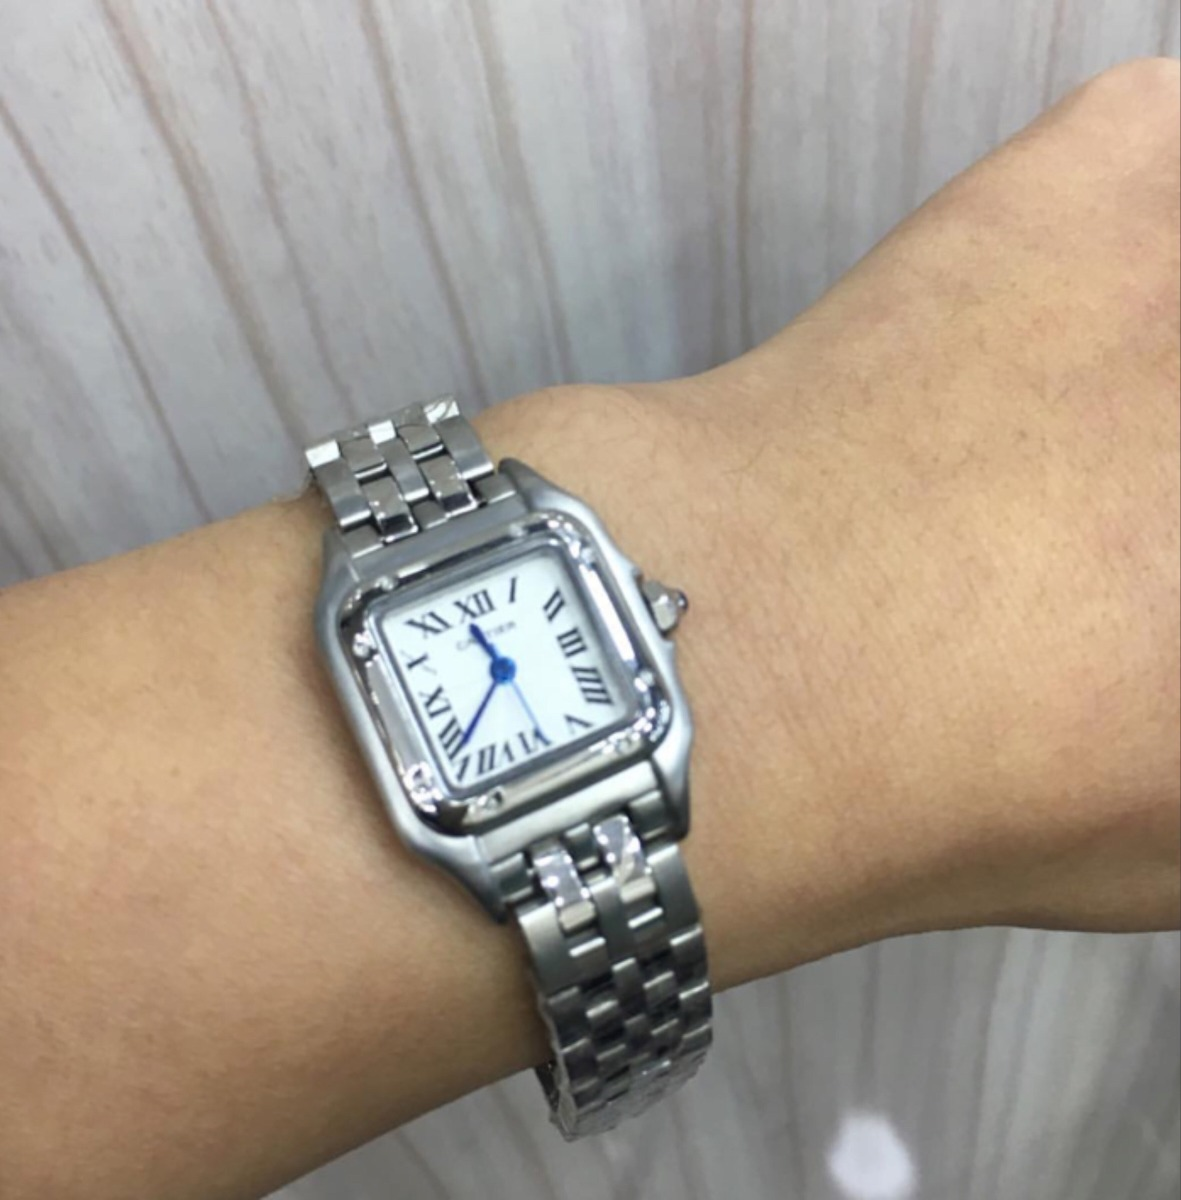 e49e15986a7 Relógio Cartier Tank Feminino Prata Frete Grátis - R  650